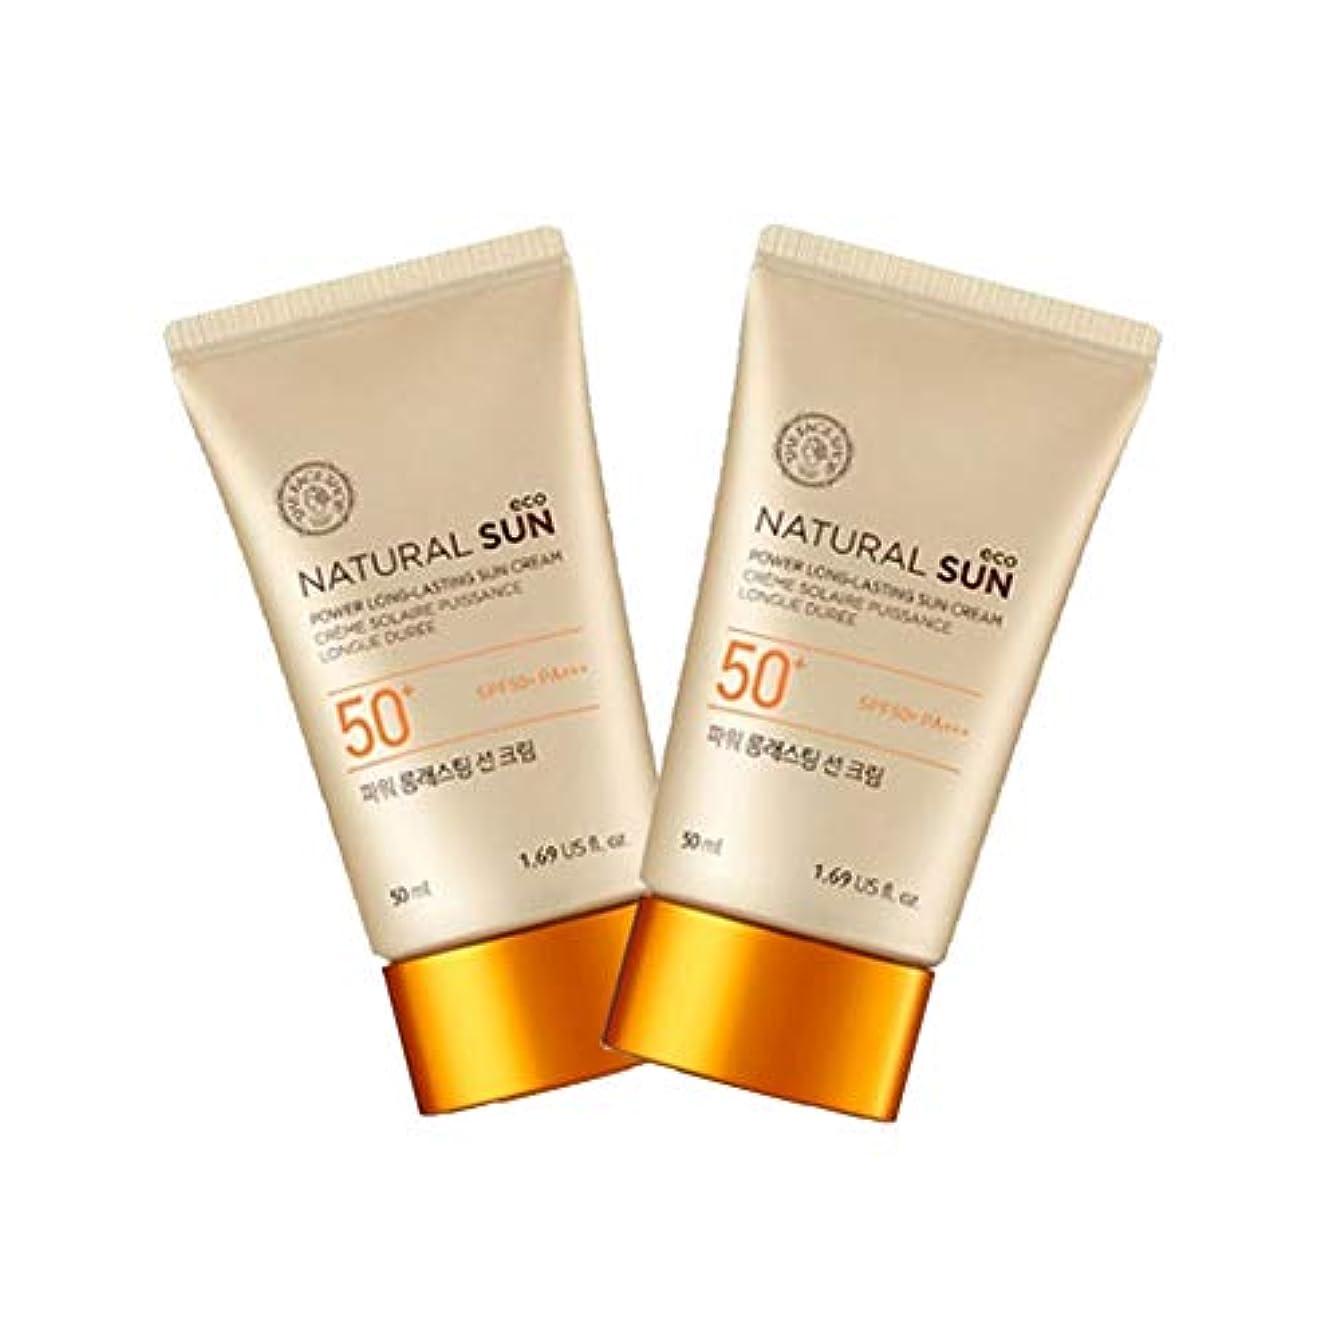 等ずんぐりした真向こうザ?フェイスショップナチュラルサンエコパワーロングラスティングサンクリーム50mlx2本セット韓国コスメ、The Face Shop Natural Sun Eco Power Long Lasting Sun Cream...